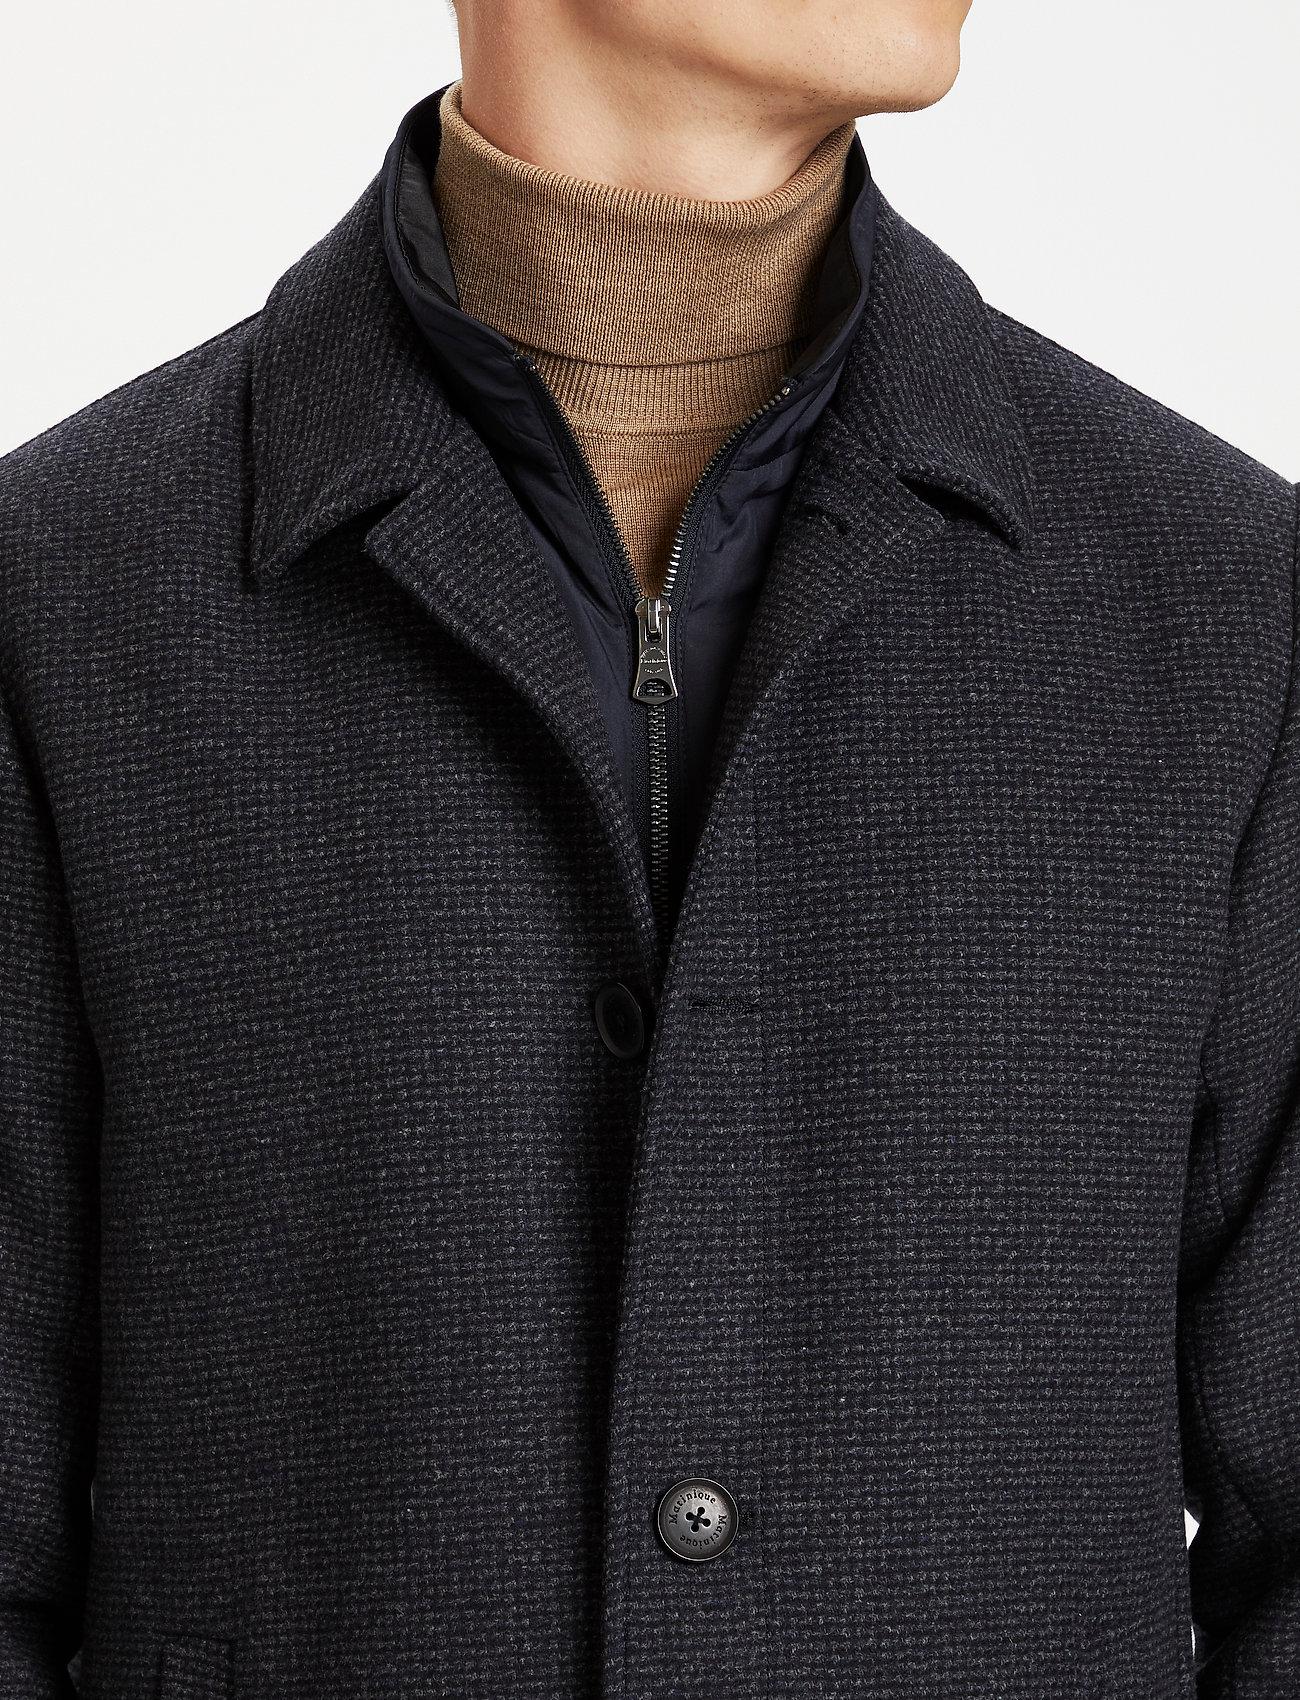 Matinique MAphilman Wool - Jakker og frakker DARK NAVY - Menn Klær